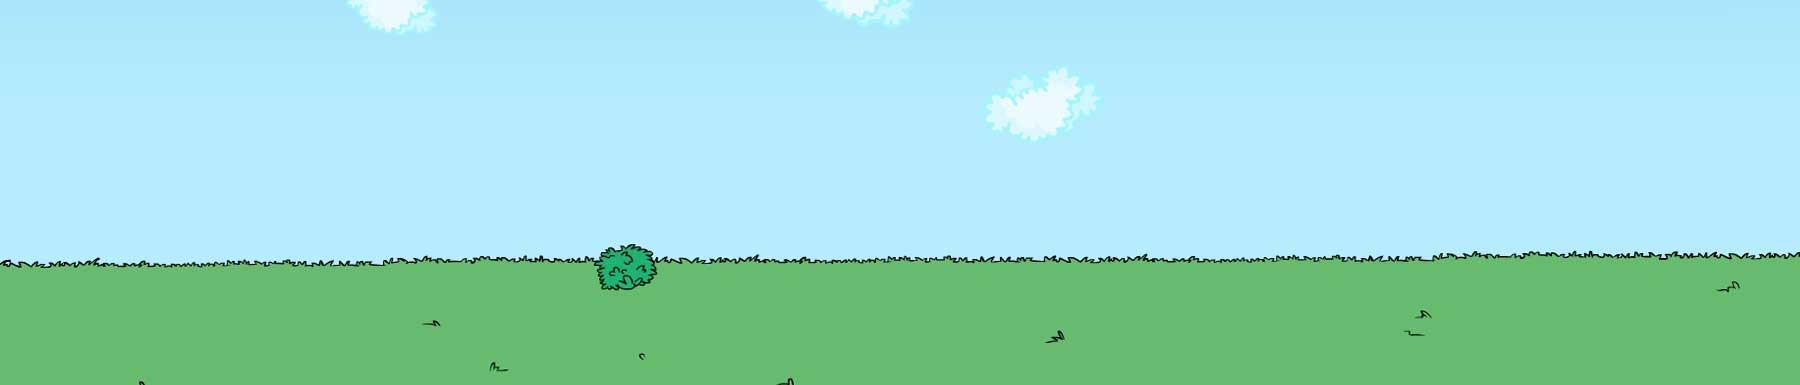 https://images.neopets.com/games/buildabear/level1_1_v1.jpg